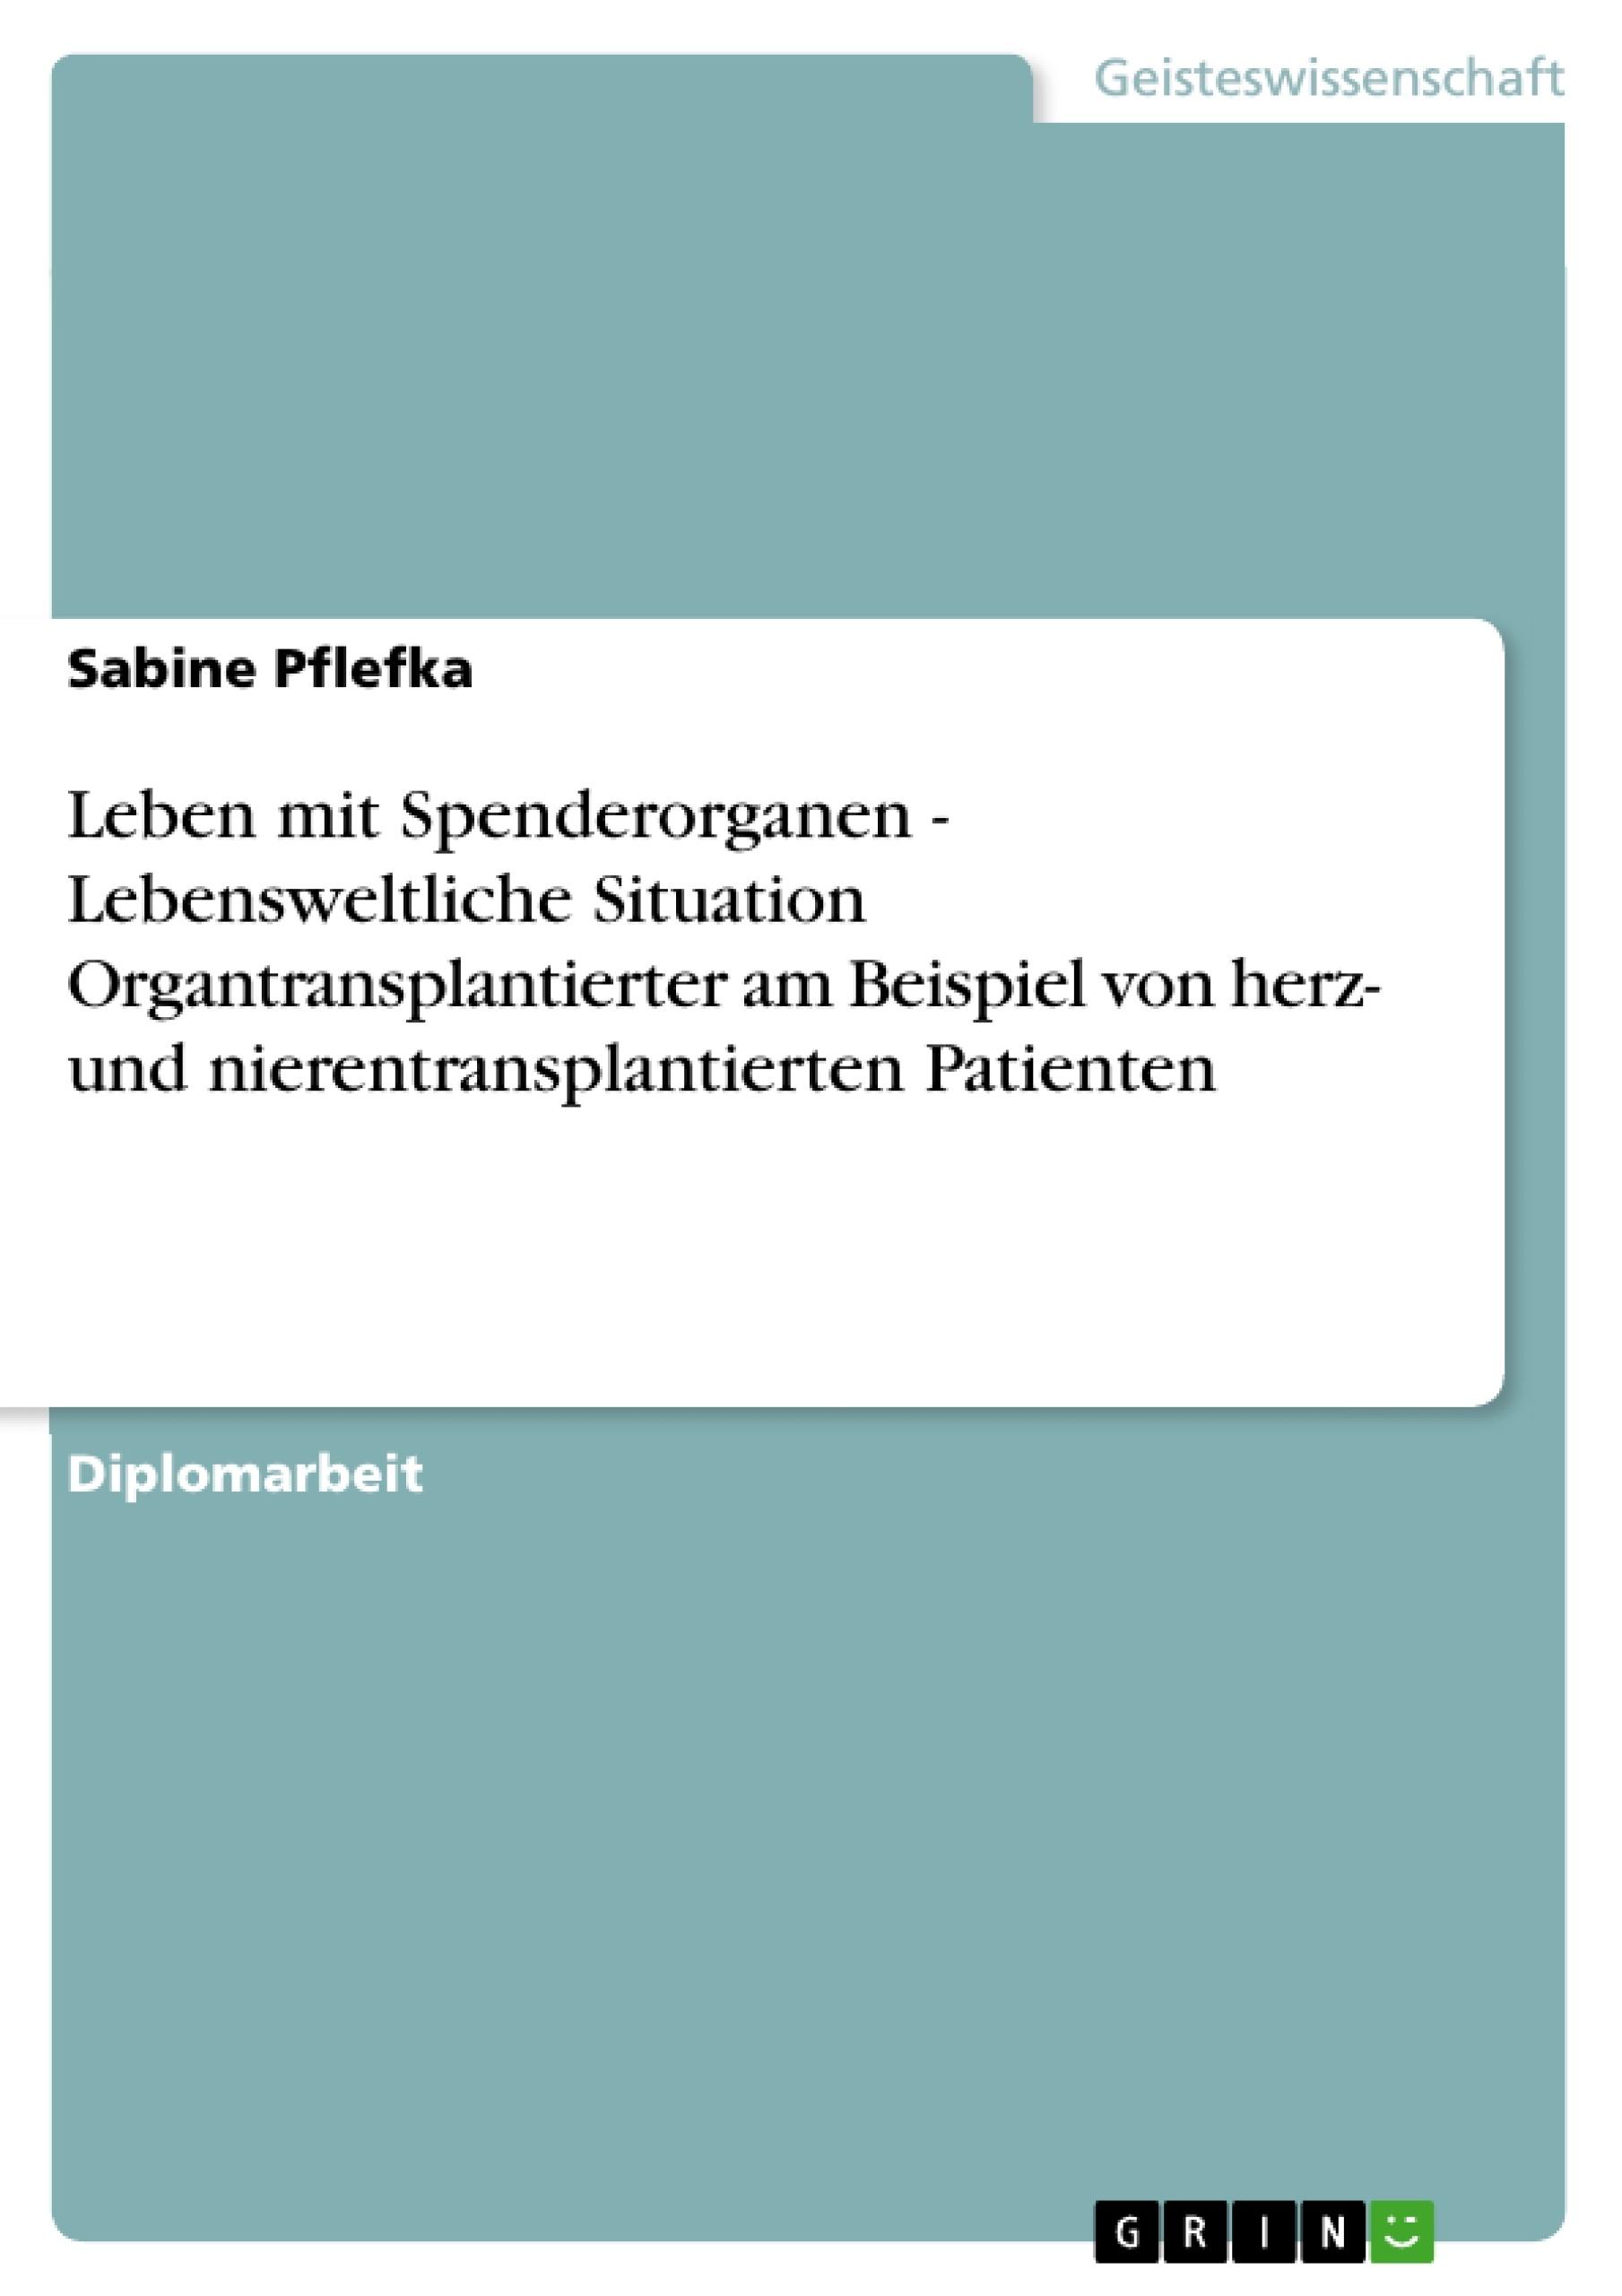 Titel: Leben mit Spenderorganen - Lebensweltliche Situation Organtransplantierter am Beispiel von herz- und nierentransplantierten Patienten